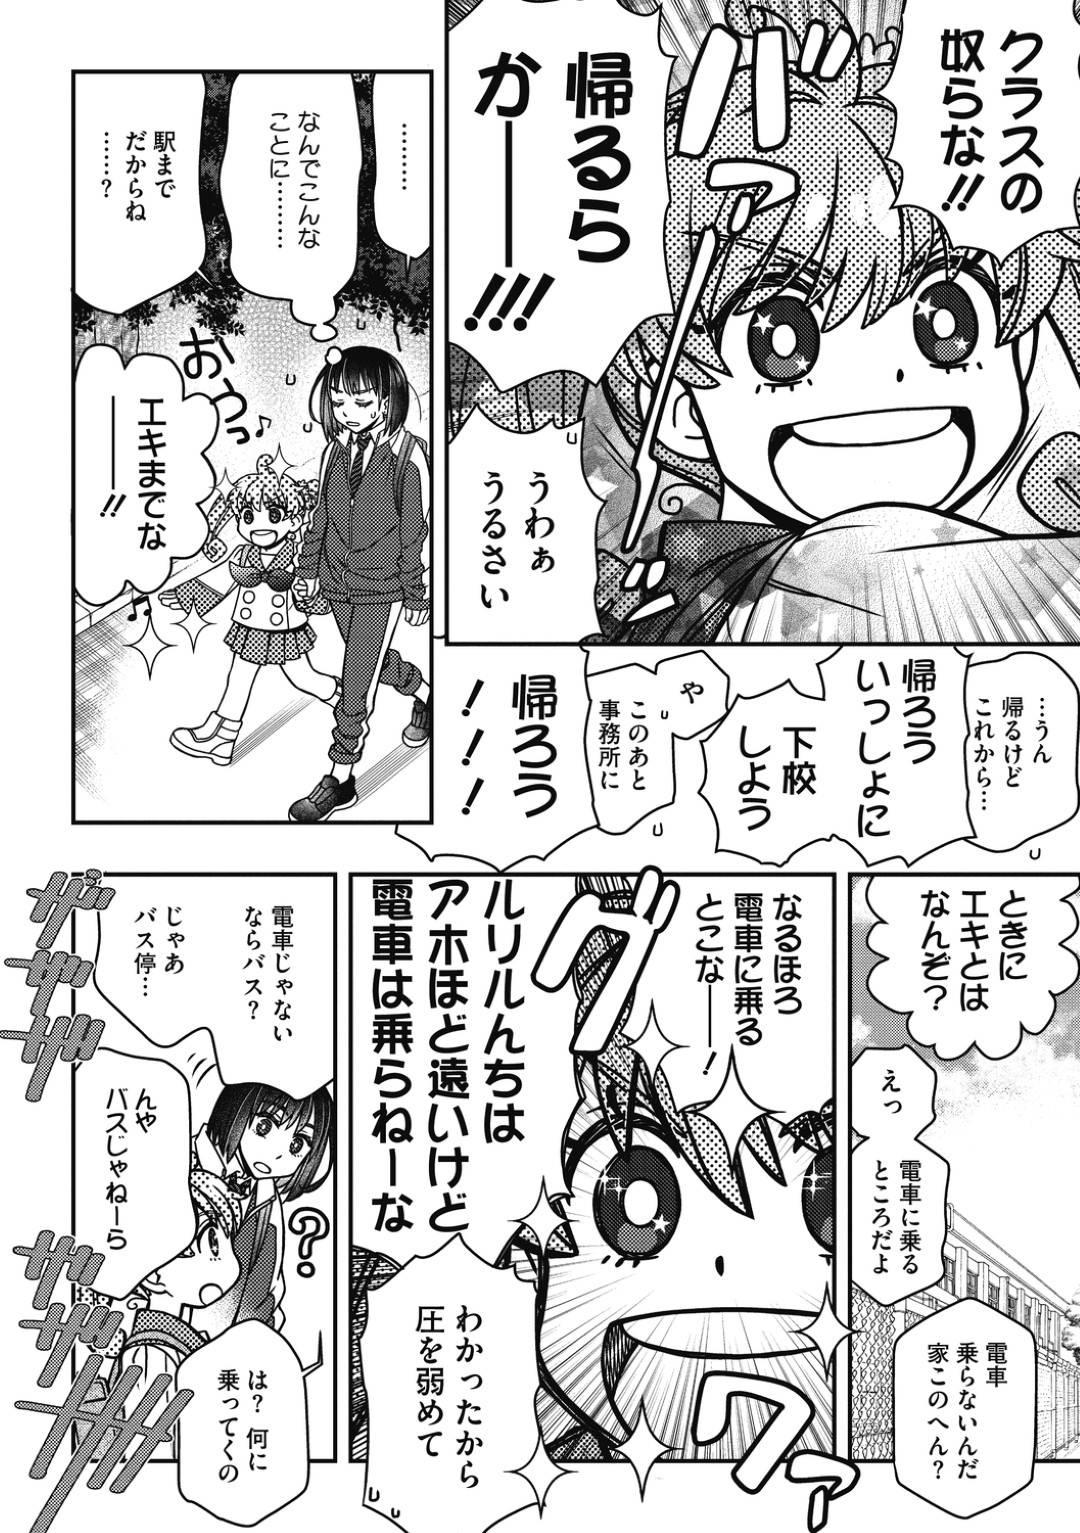 【エロ漫画】普通の女子校生だが超人気モデルまなつは突然、怪物に襲われる。ピンチを救ったのは子連れの女戦士だった!翌日、まなつの通う学校に一人の転校生がきて、なんとそれはあの女戦士の娘で合体することに!